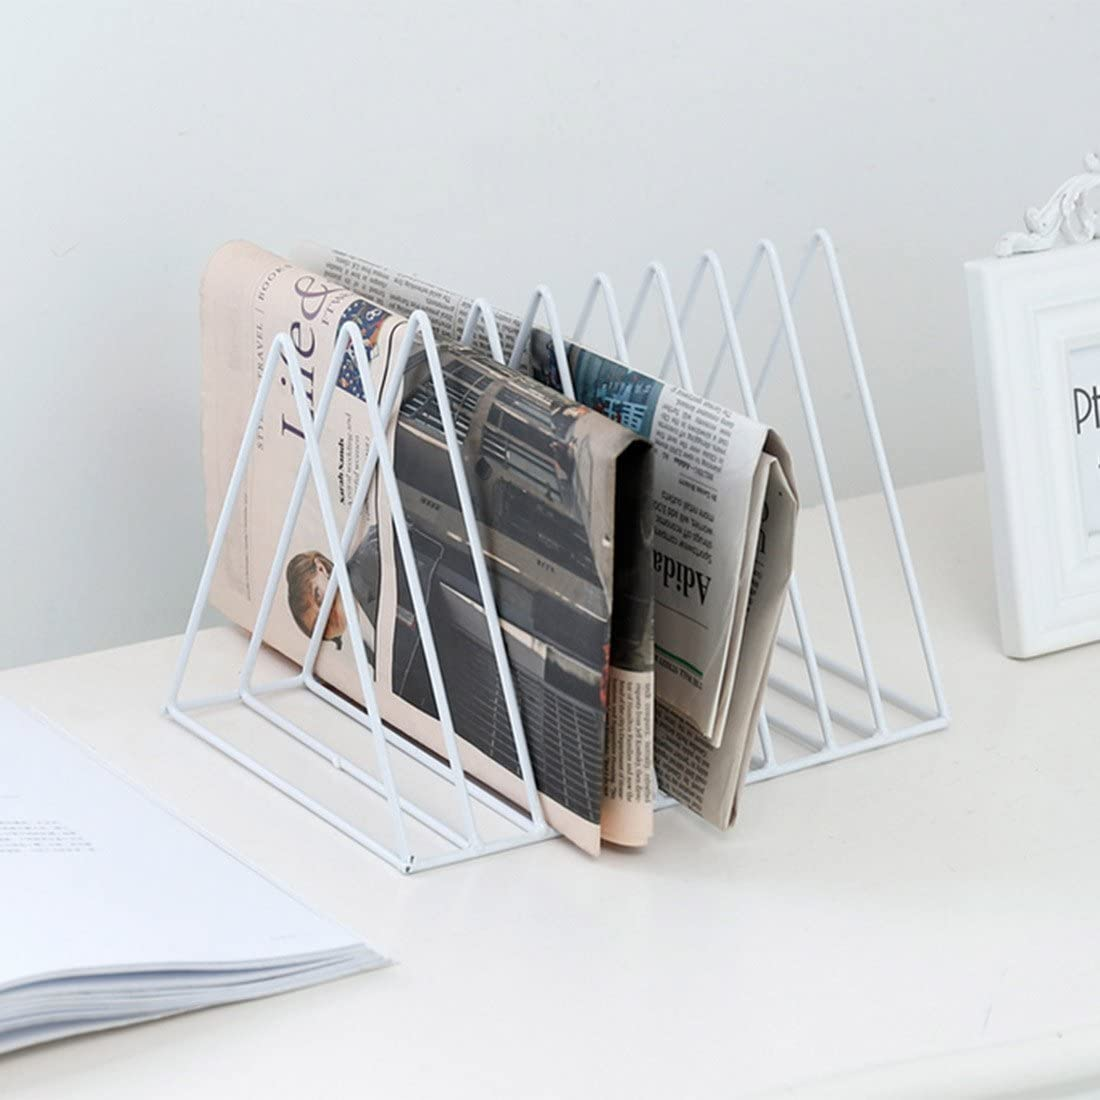 Ecent Book Rack Organizador de Archivos metalico Revistero de Escritorio para despacho casa Biblioteca